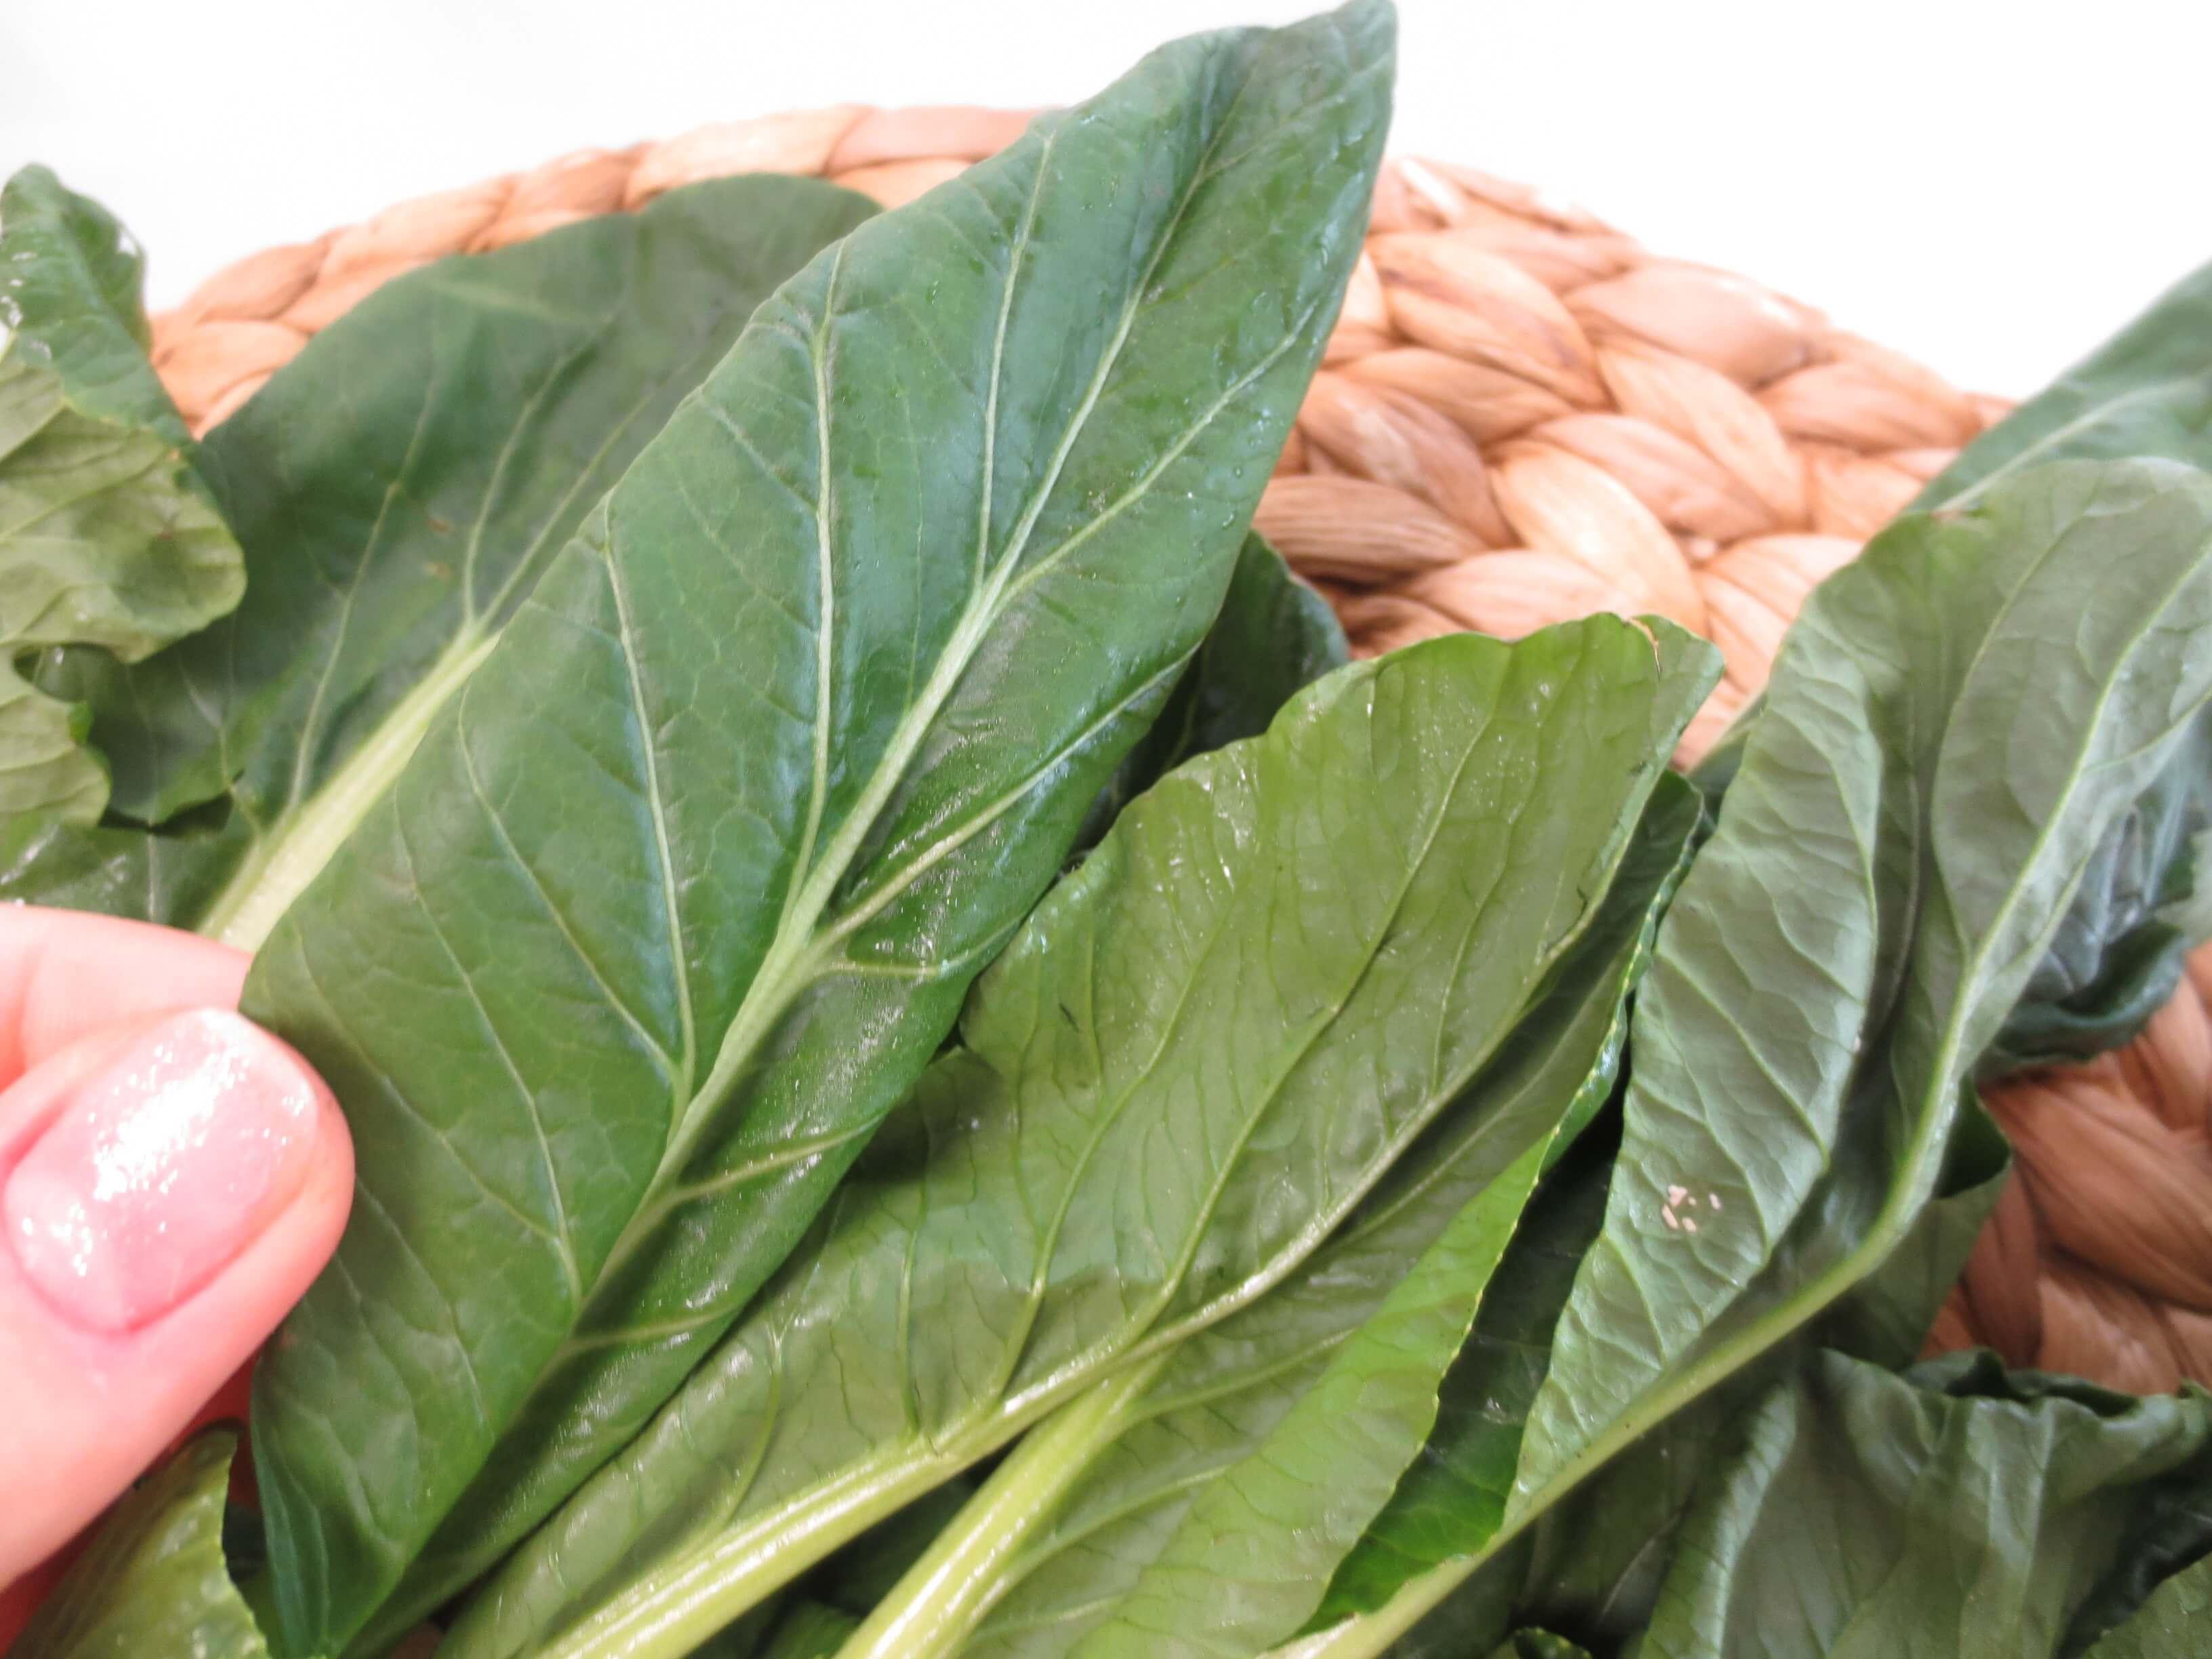 無農薬野菜のミレーお試しセット口コミ15